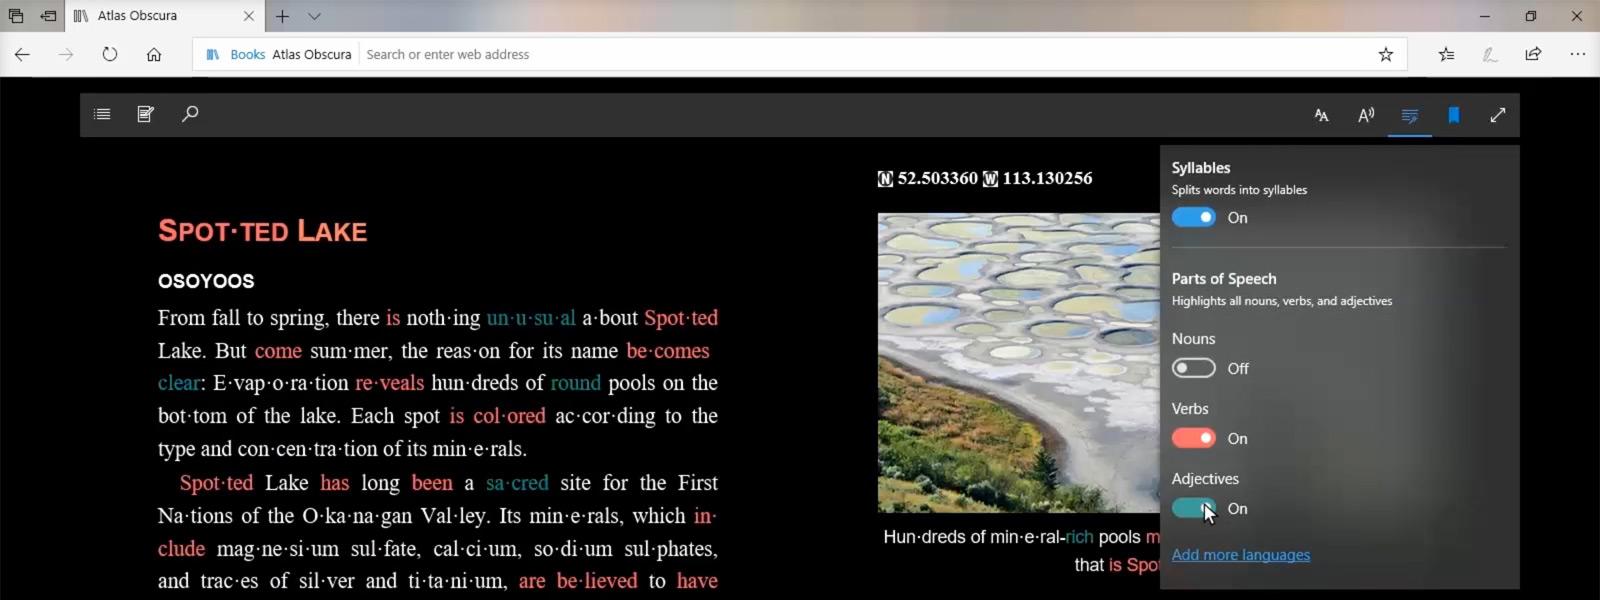 Immagine dello schermo con l'utilizzo della funzione Strumenti di apprendimento per evidenziare nomi, verbi e aggettivi su una pagina Web